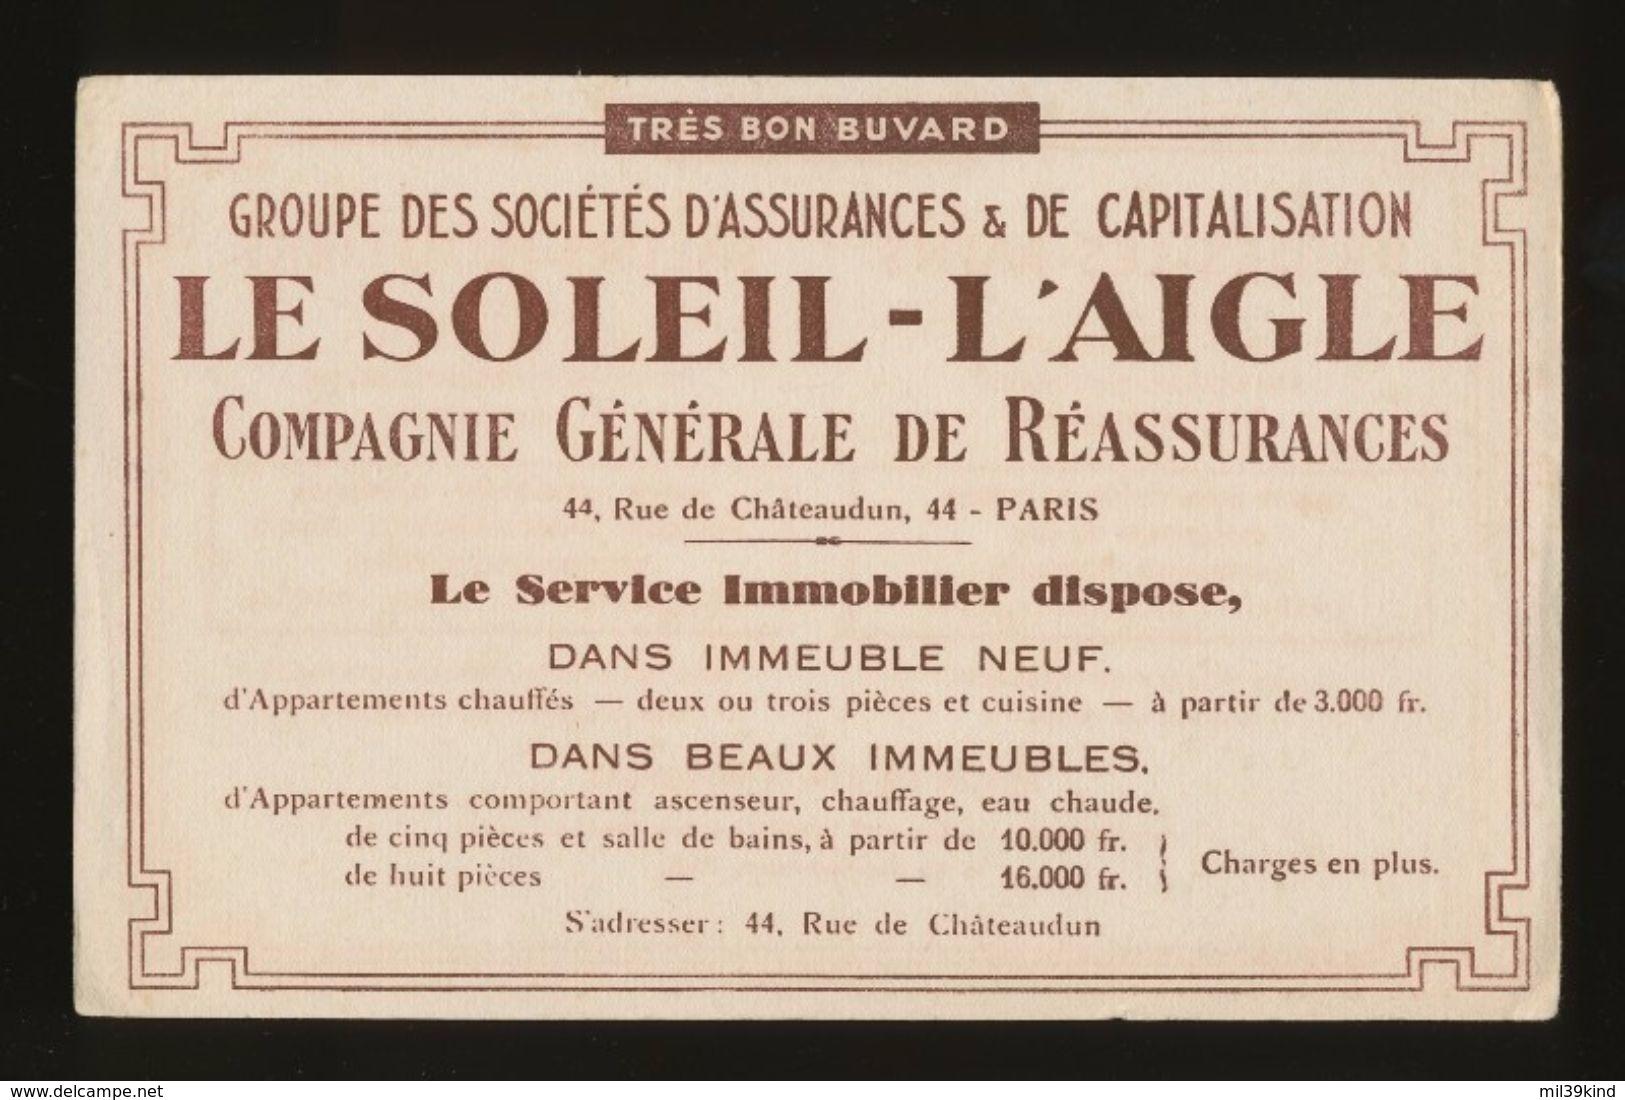 Buvard -  Banques-Assurances -LE SOLEIL - L'AIGLE -- COMPAGNIE GENERALE DE REASSURANCES - Buvards, Protège-cahiers Illustrés